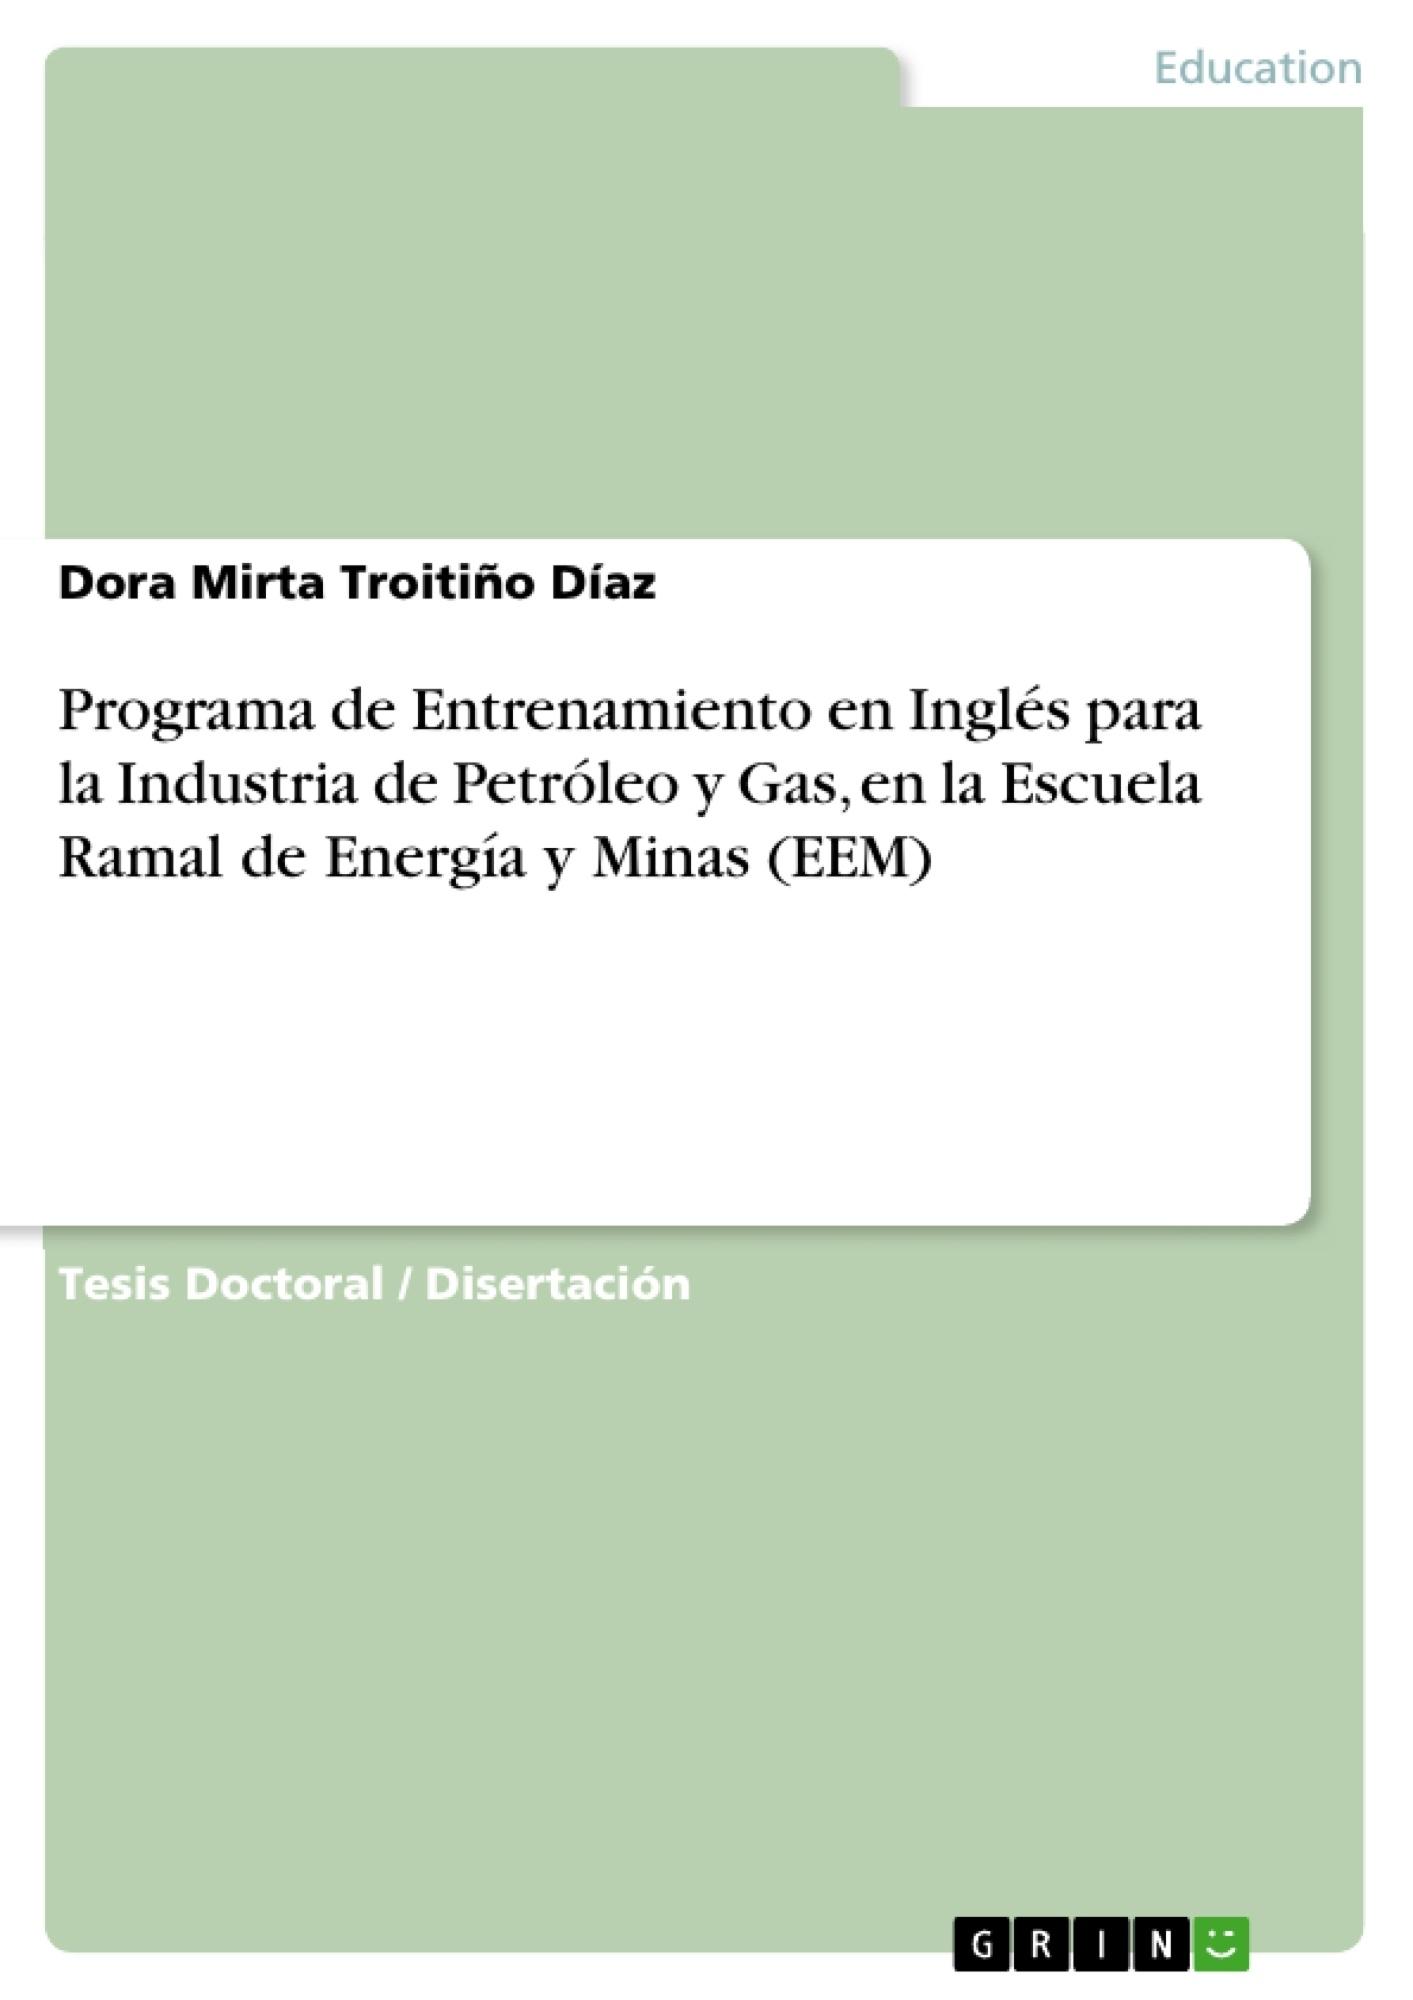 Título: Programa de Entrenamiento en Inglés para la Industria de Petróleo y Gas, en la Escuela Ramal de Energía y Minas (EEM)